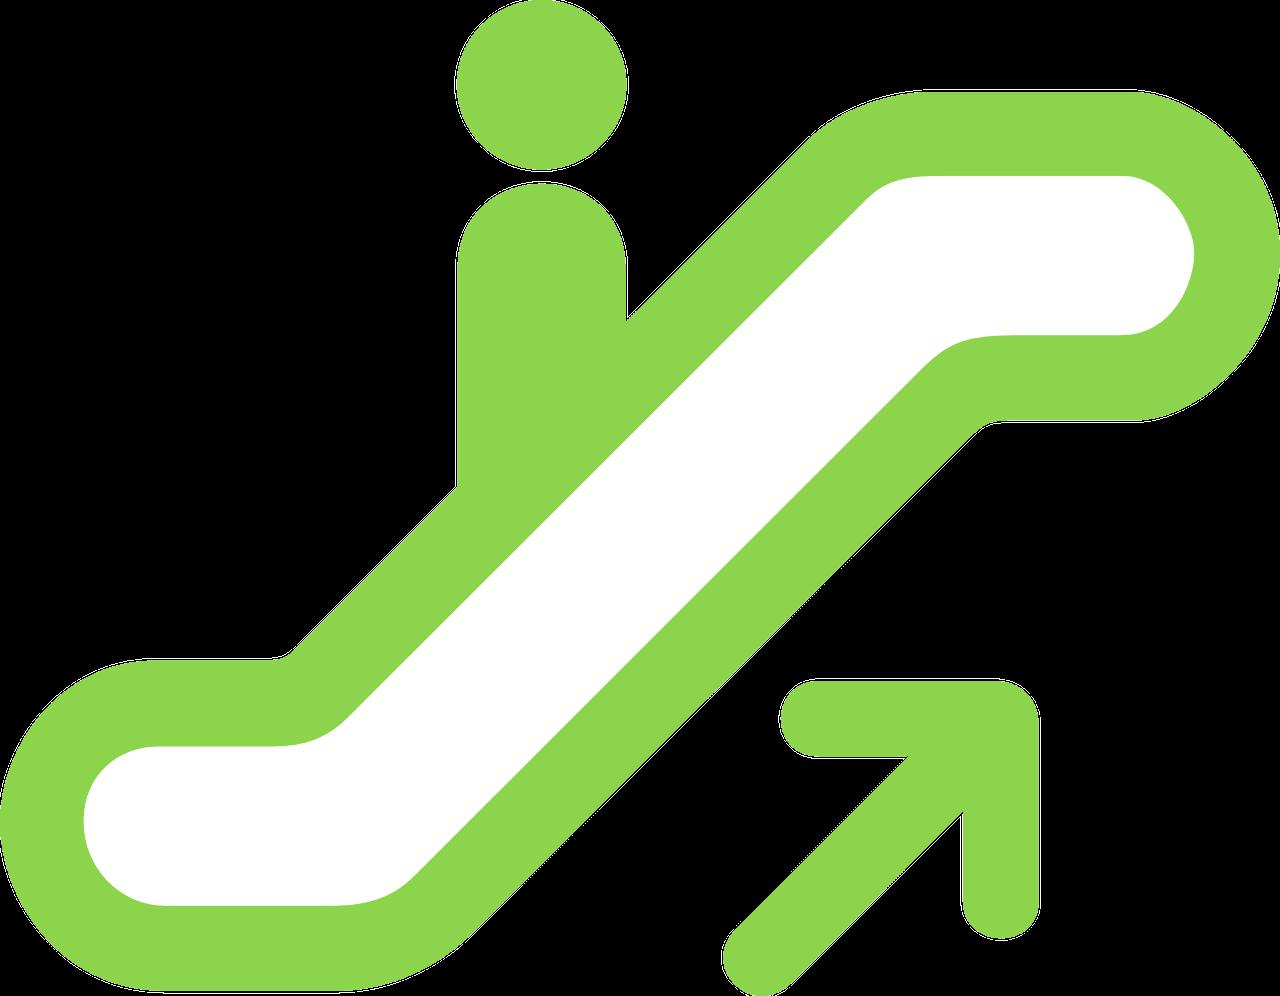 Escalier g